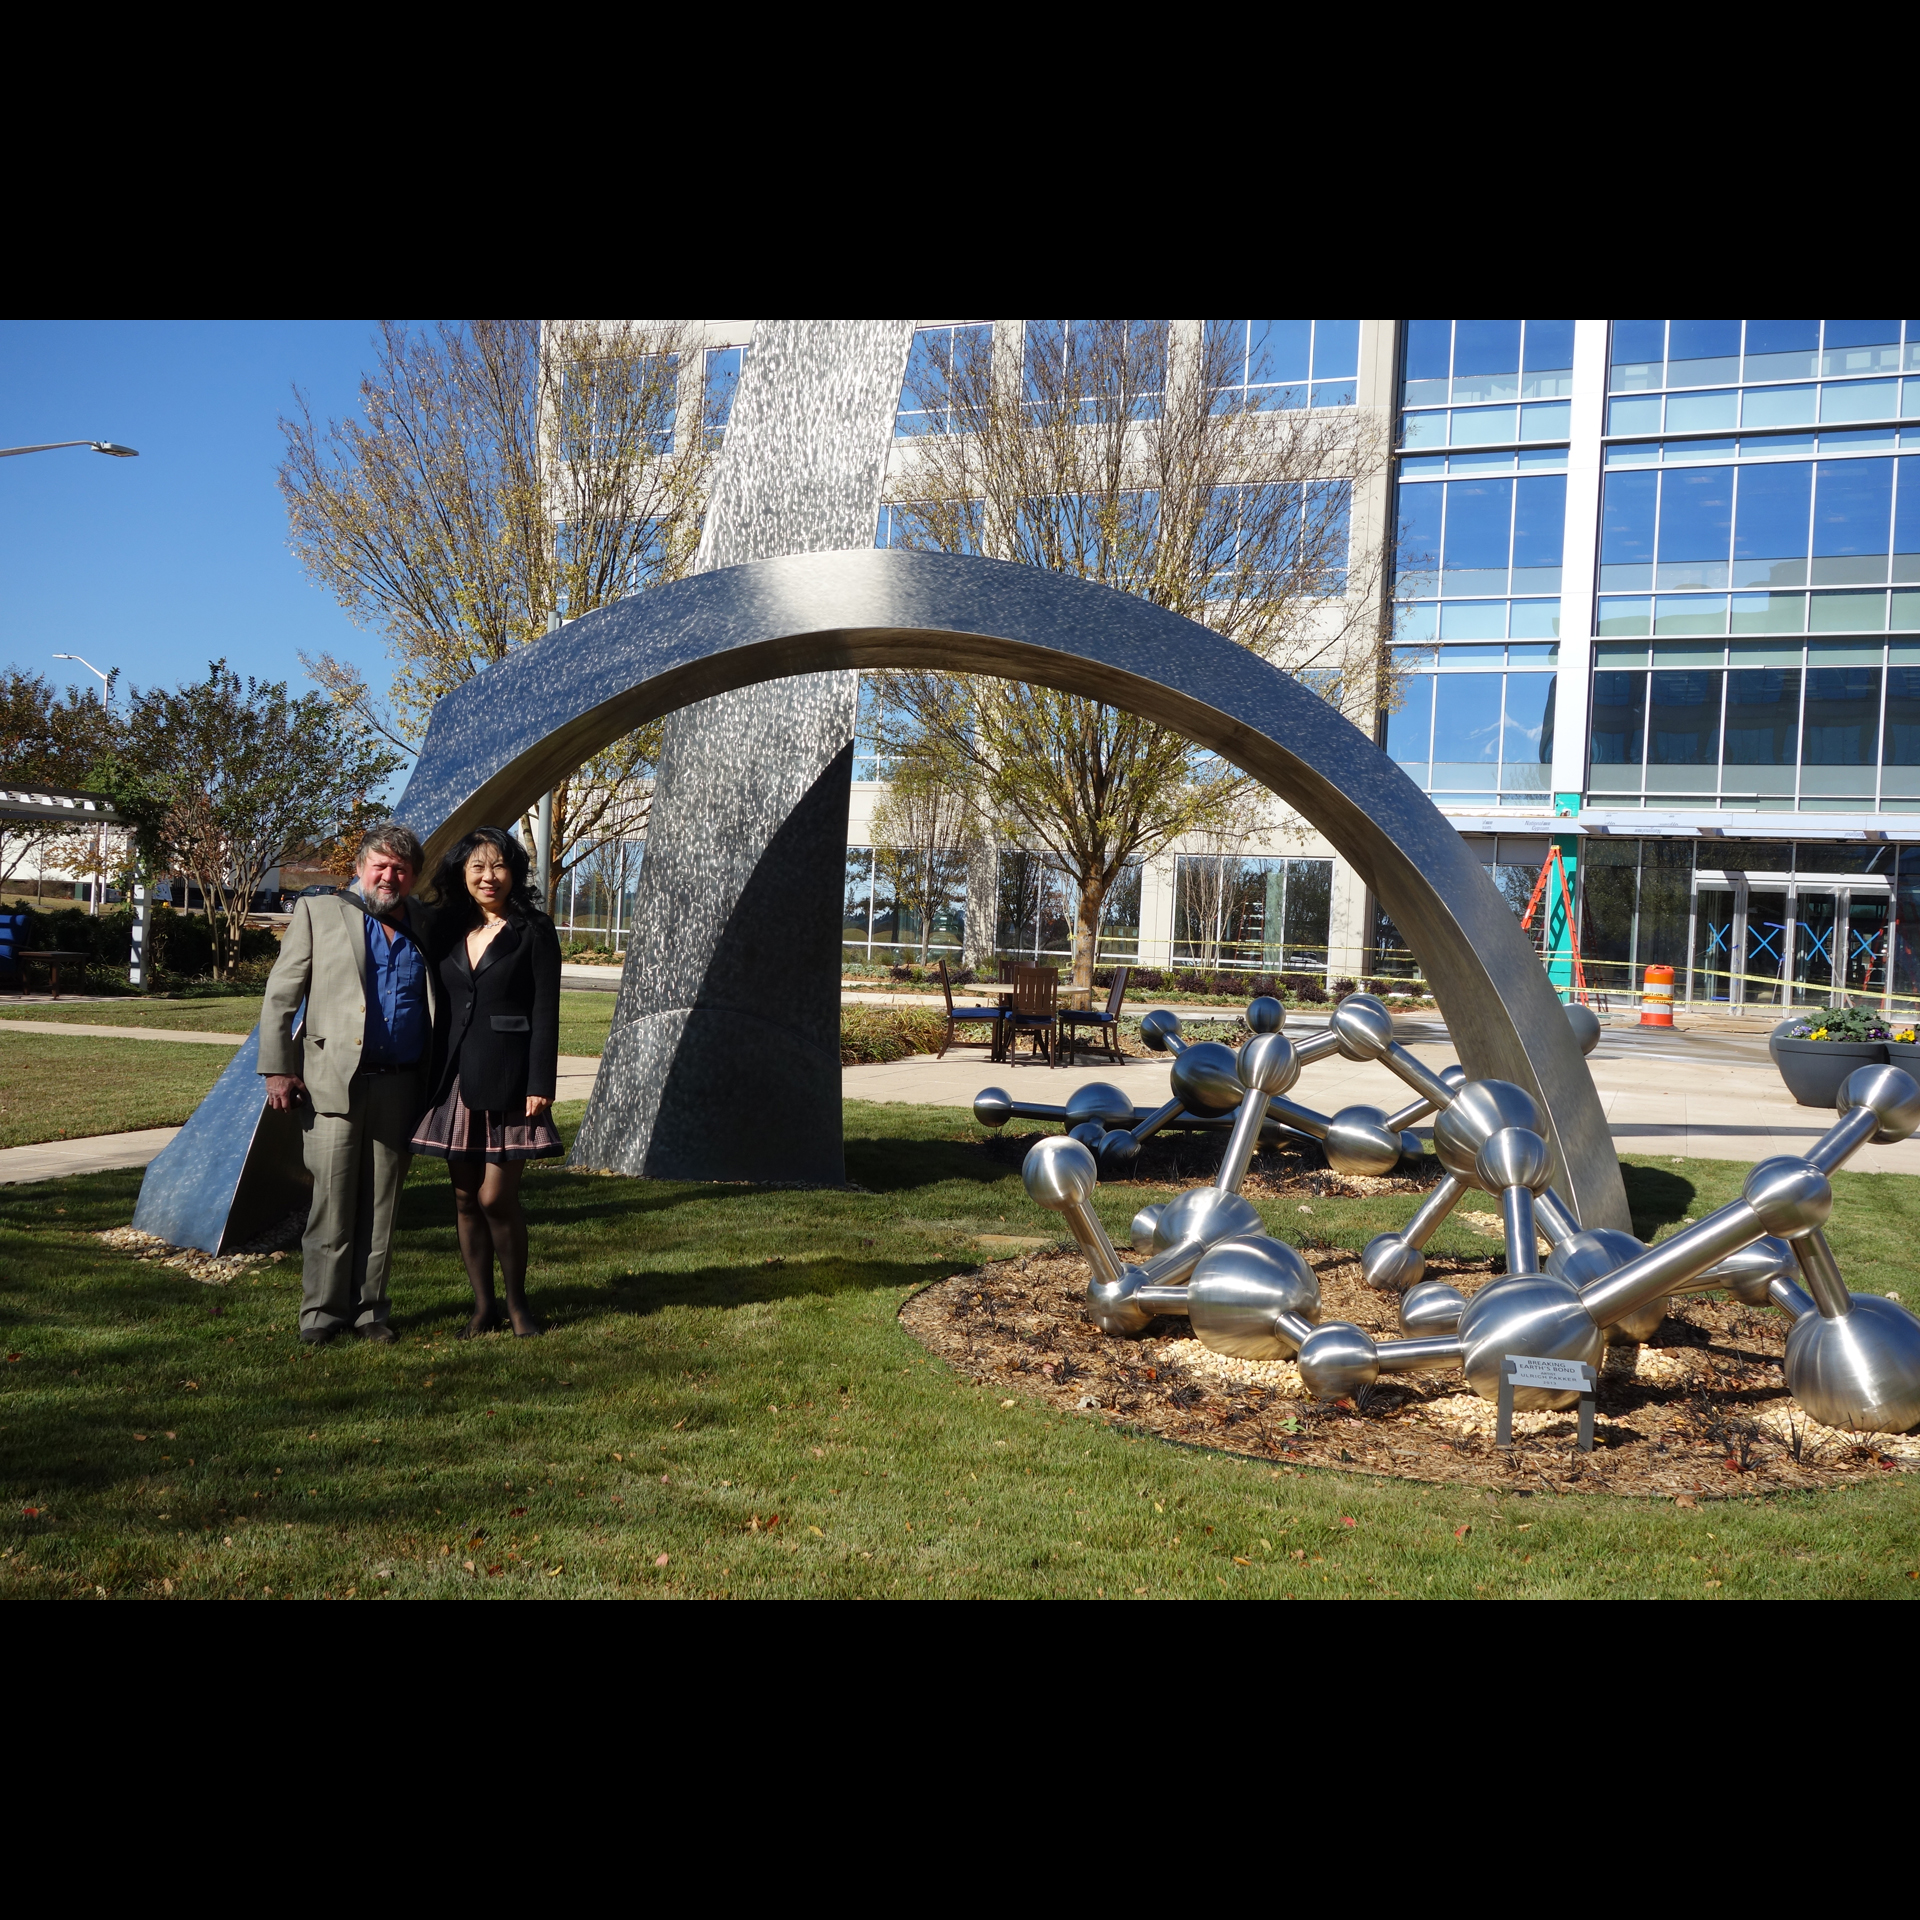 Breaking Earth's Bond, Redstone Gateway Plaza